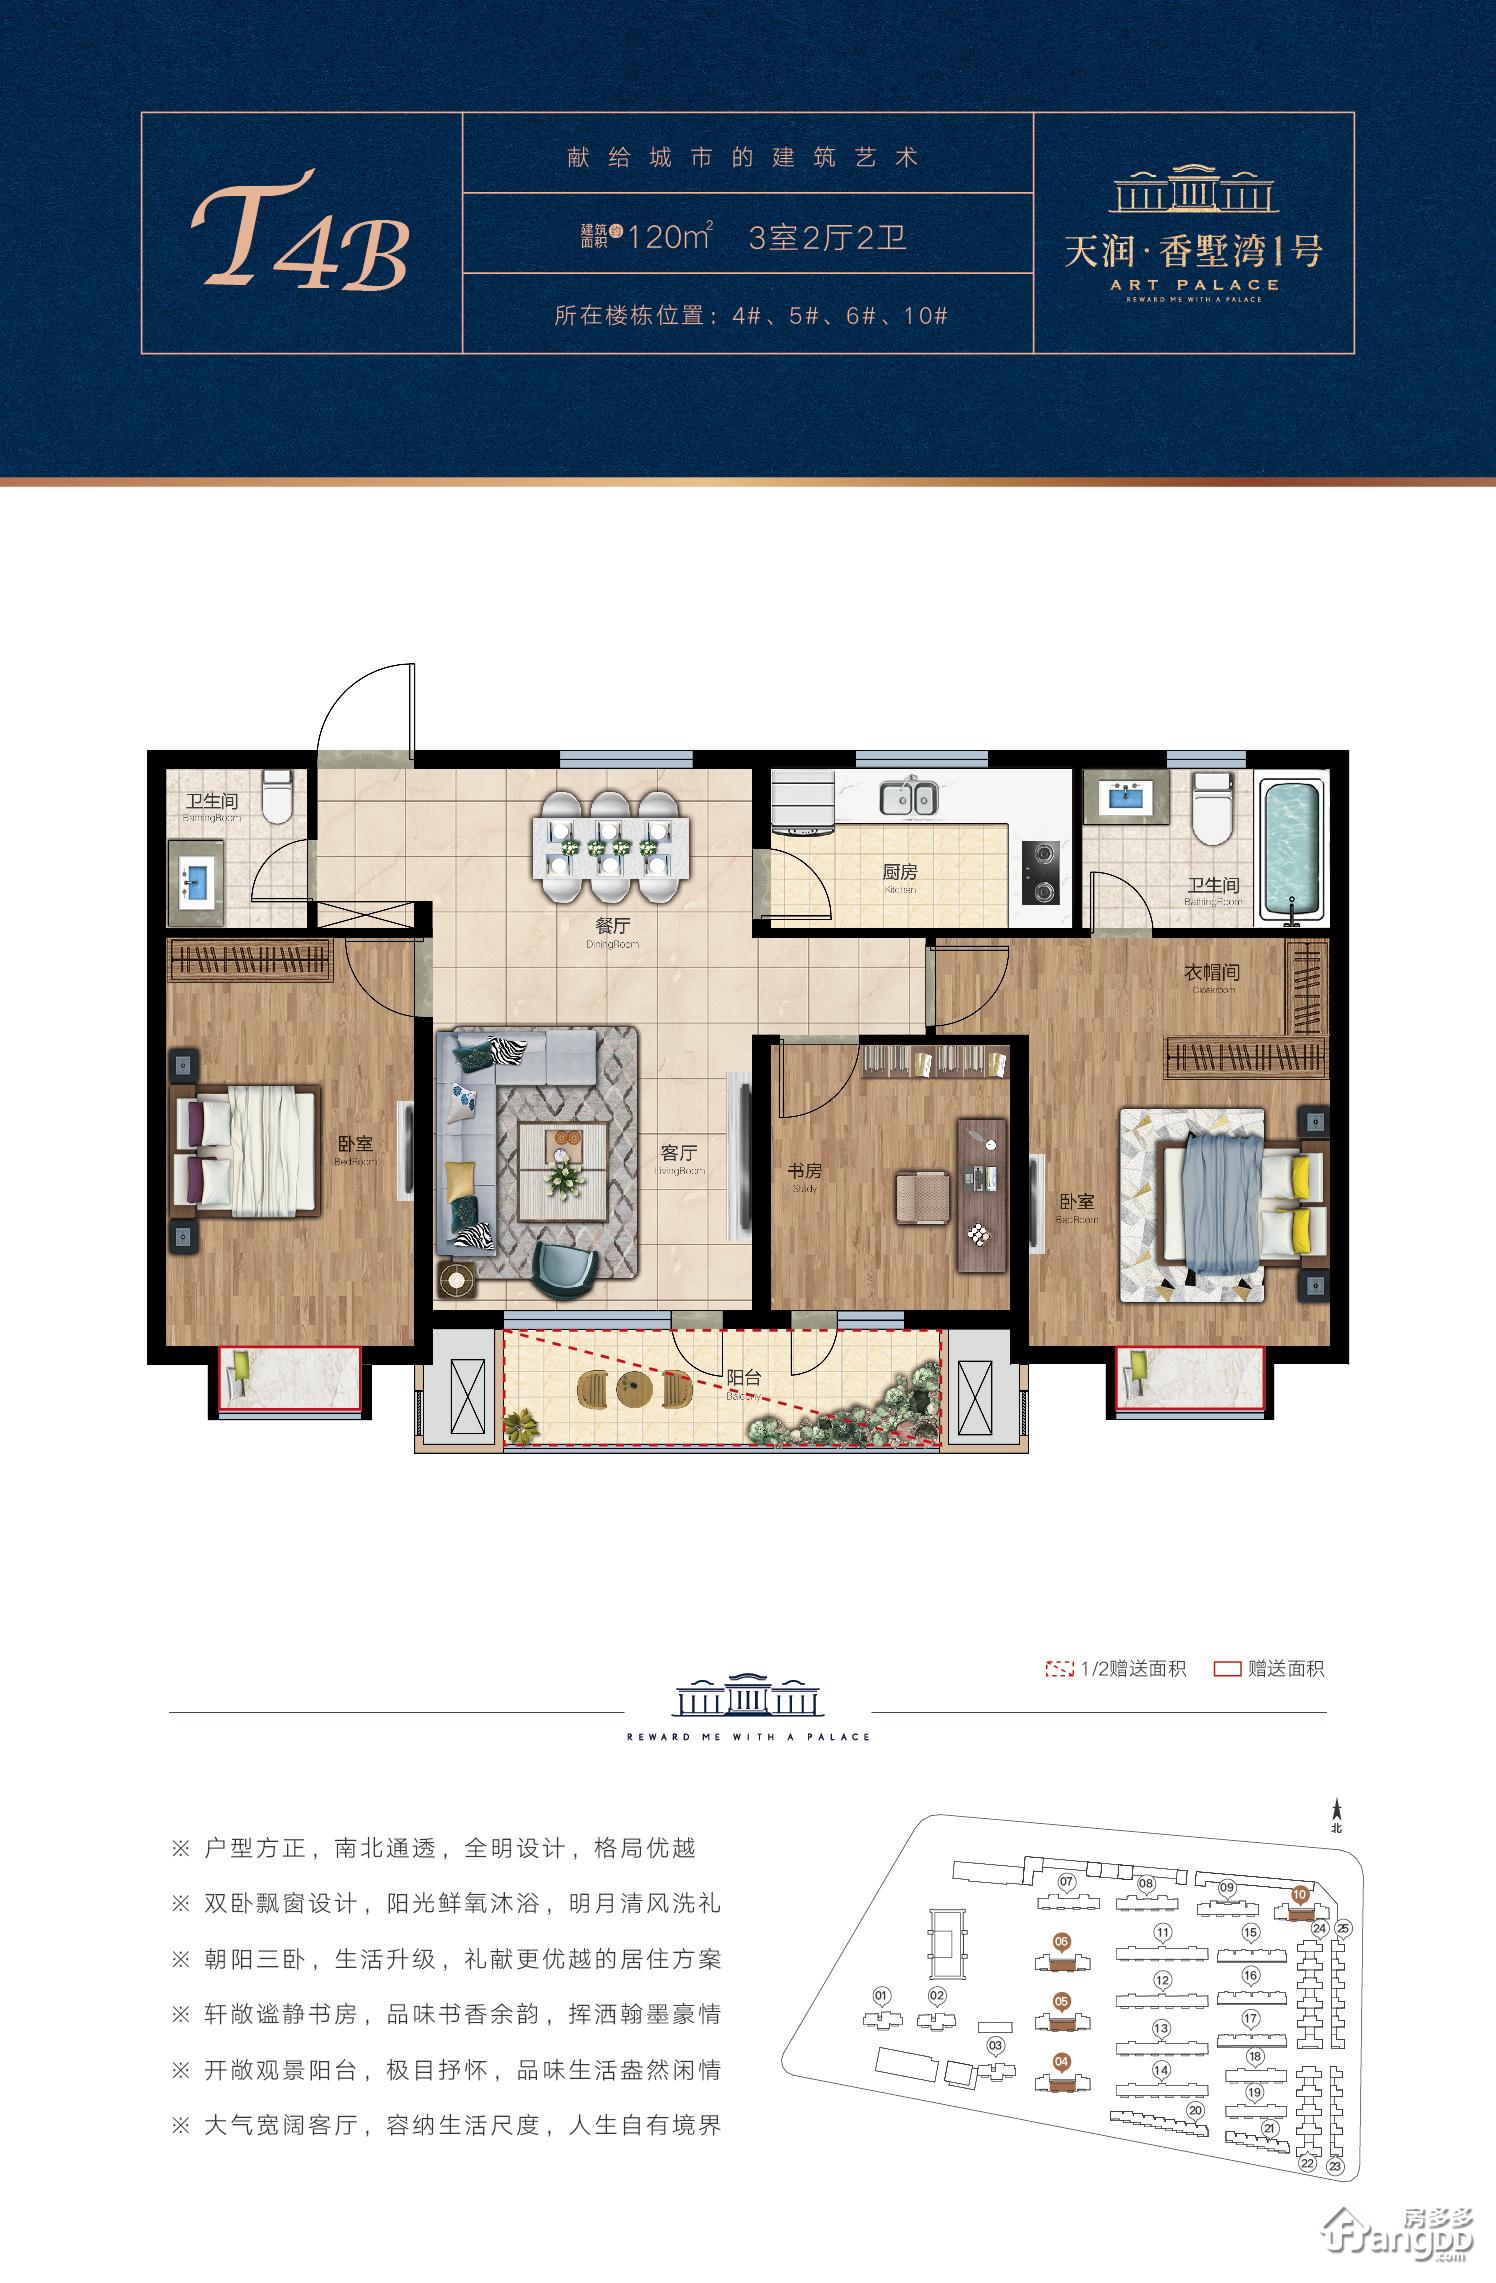 天润·香墅湾1号(临沂)3室2厅2卫户型图